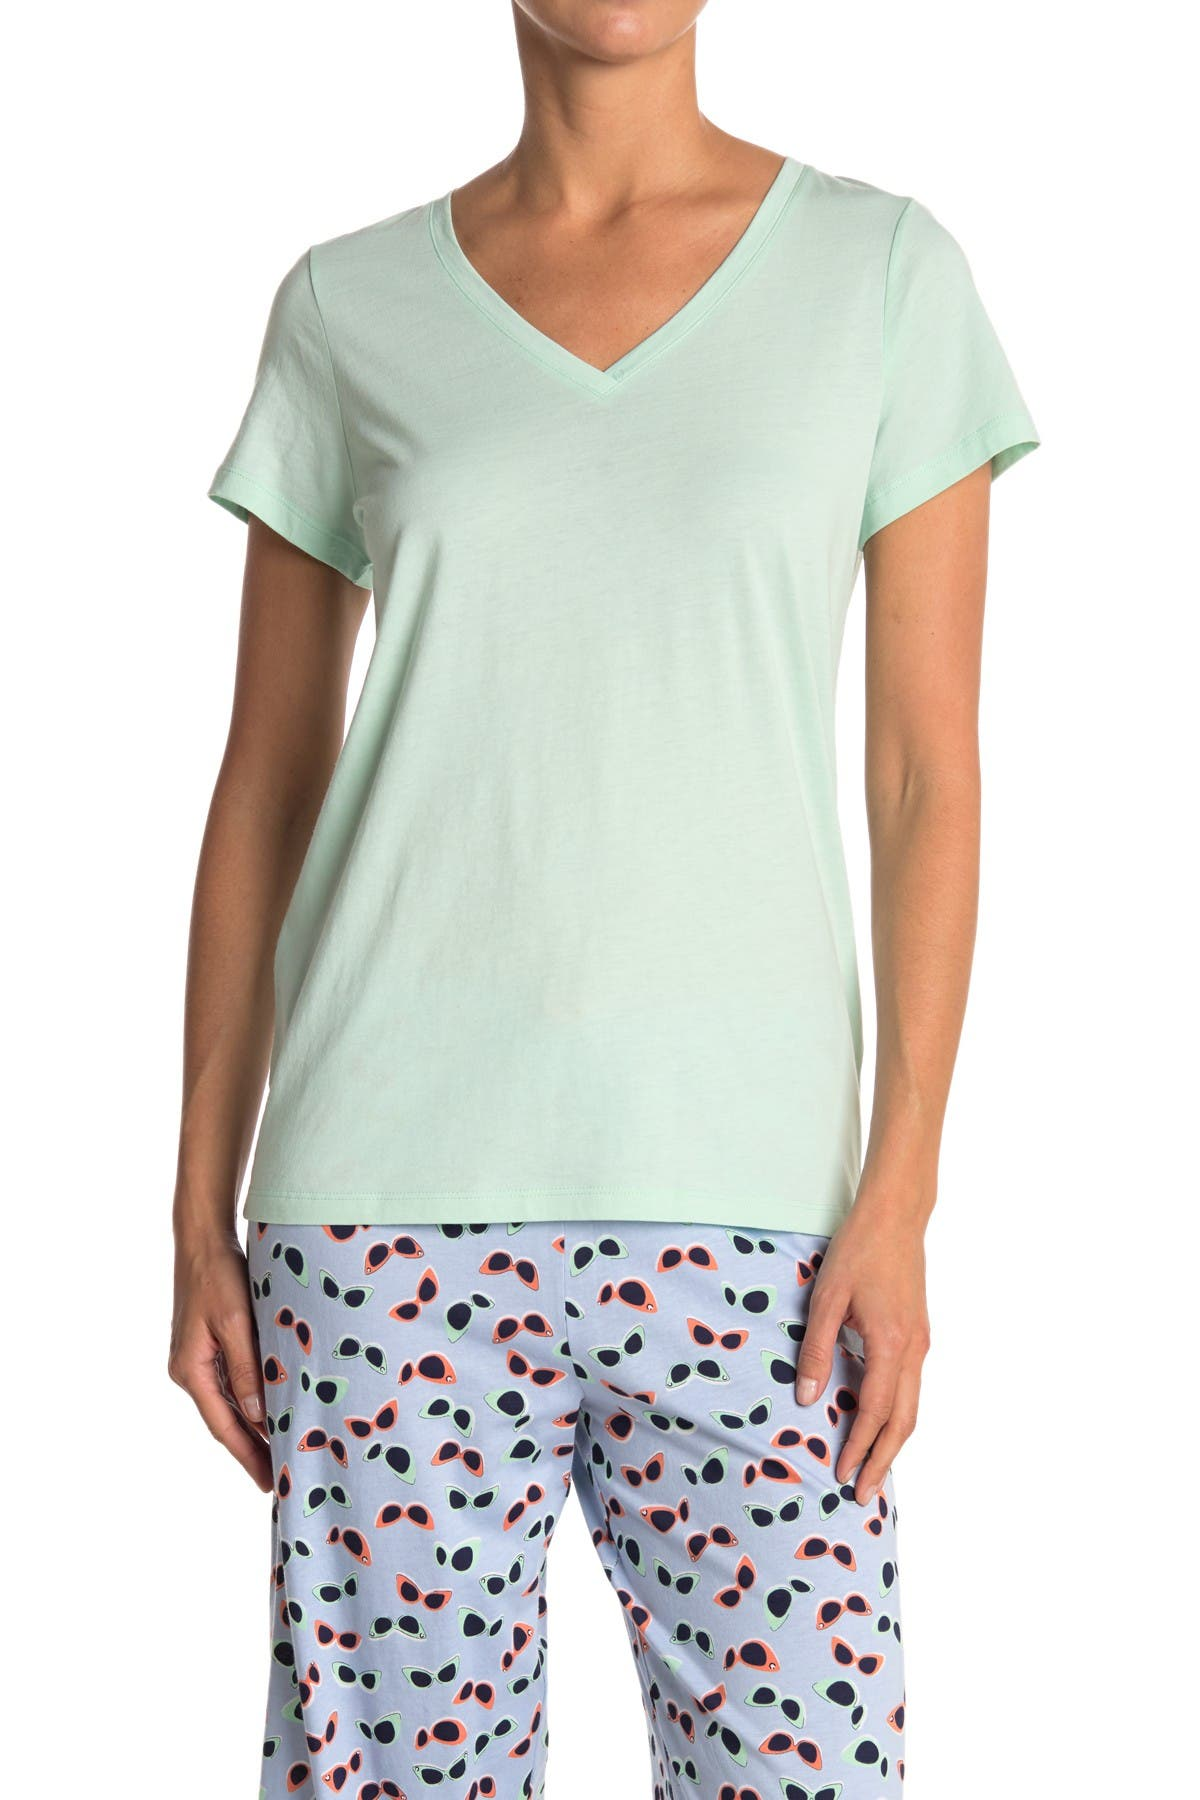 Image of HUE Solid Short Sleeve V-Neck T-Shirt